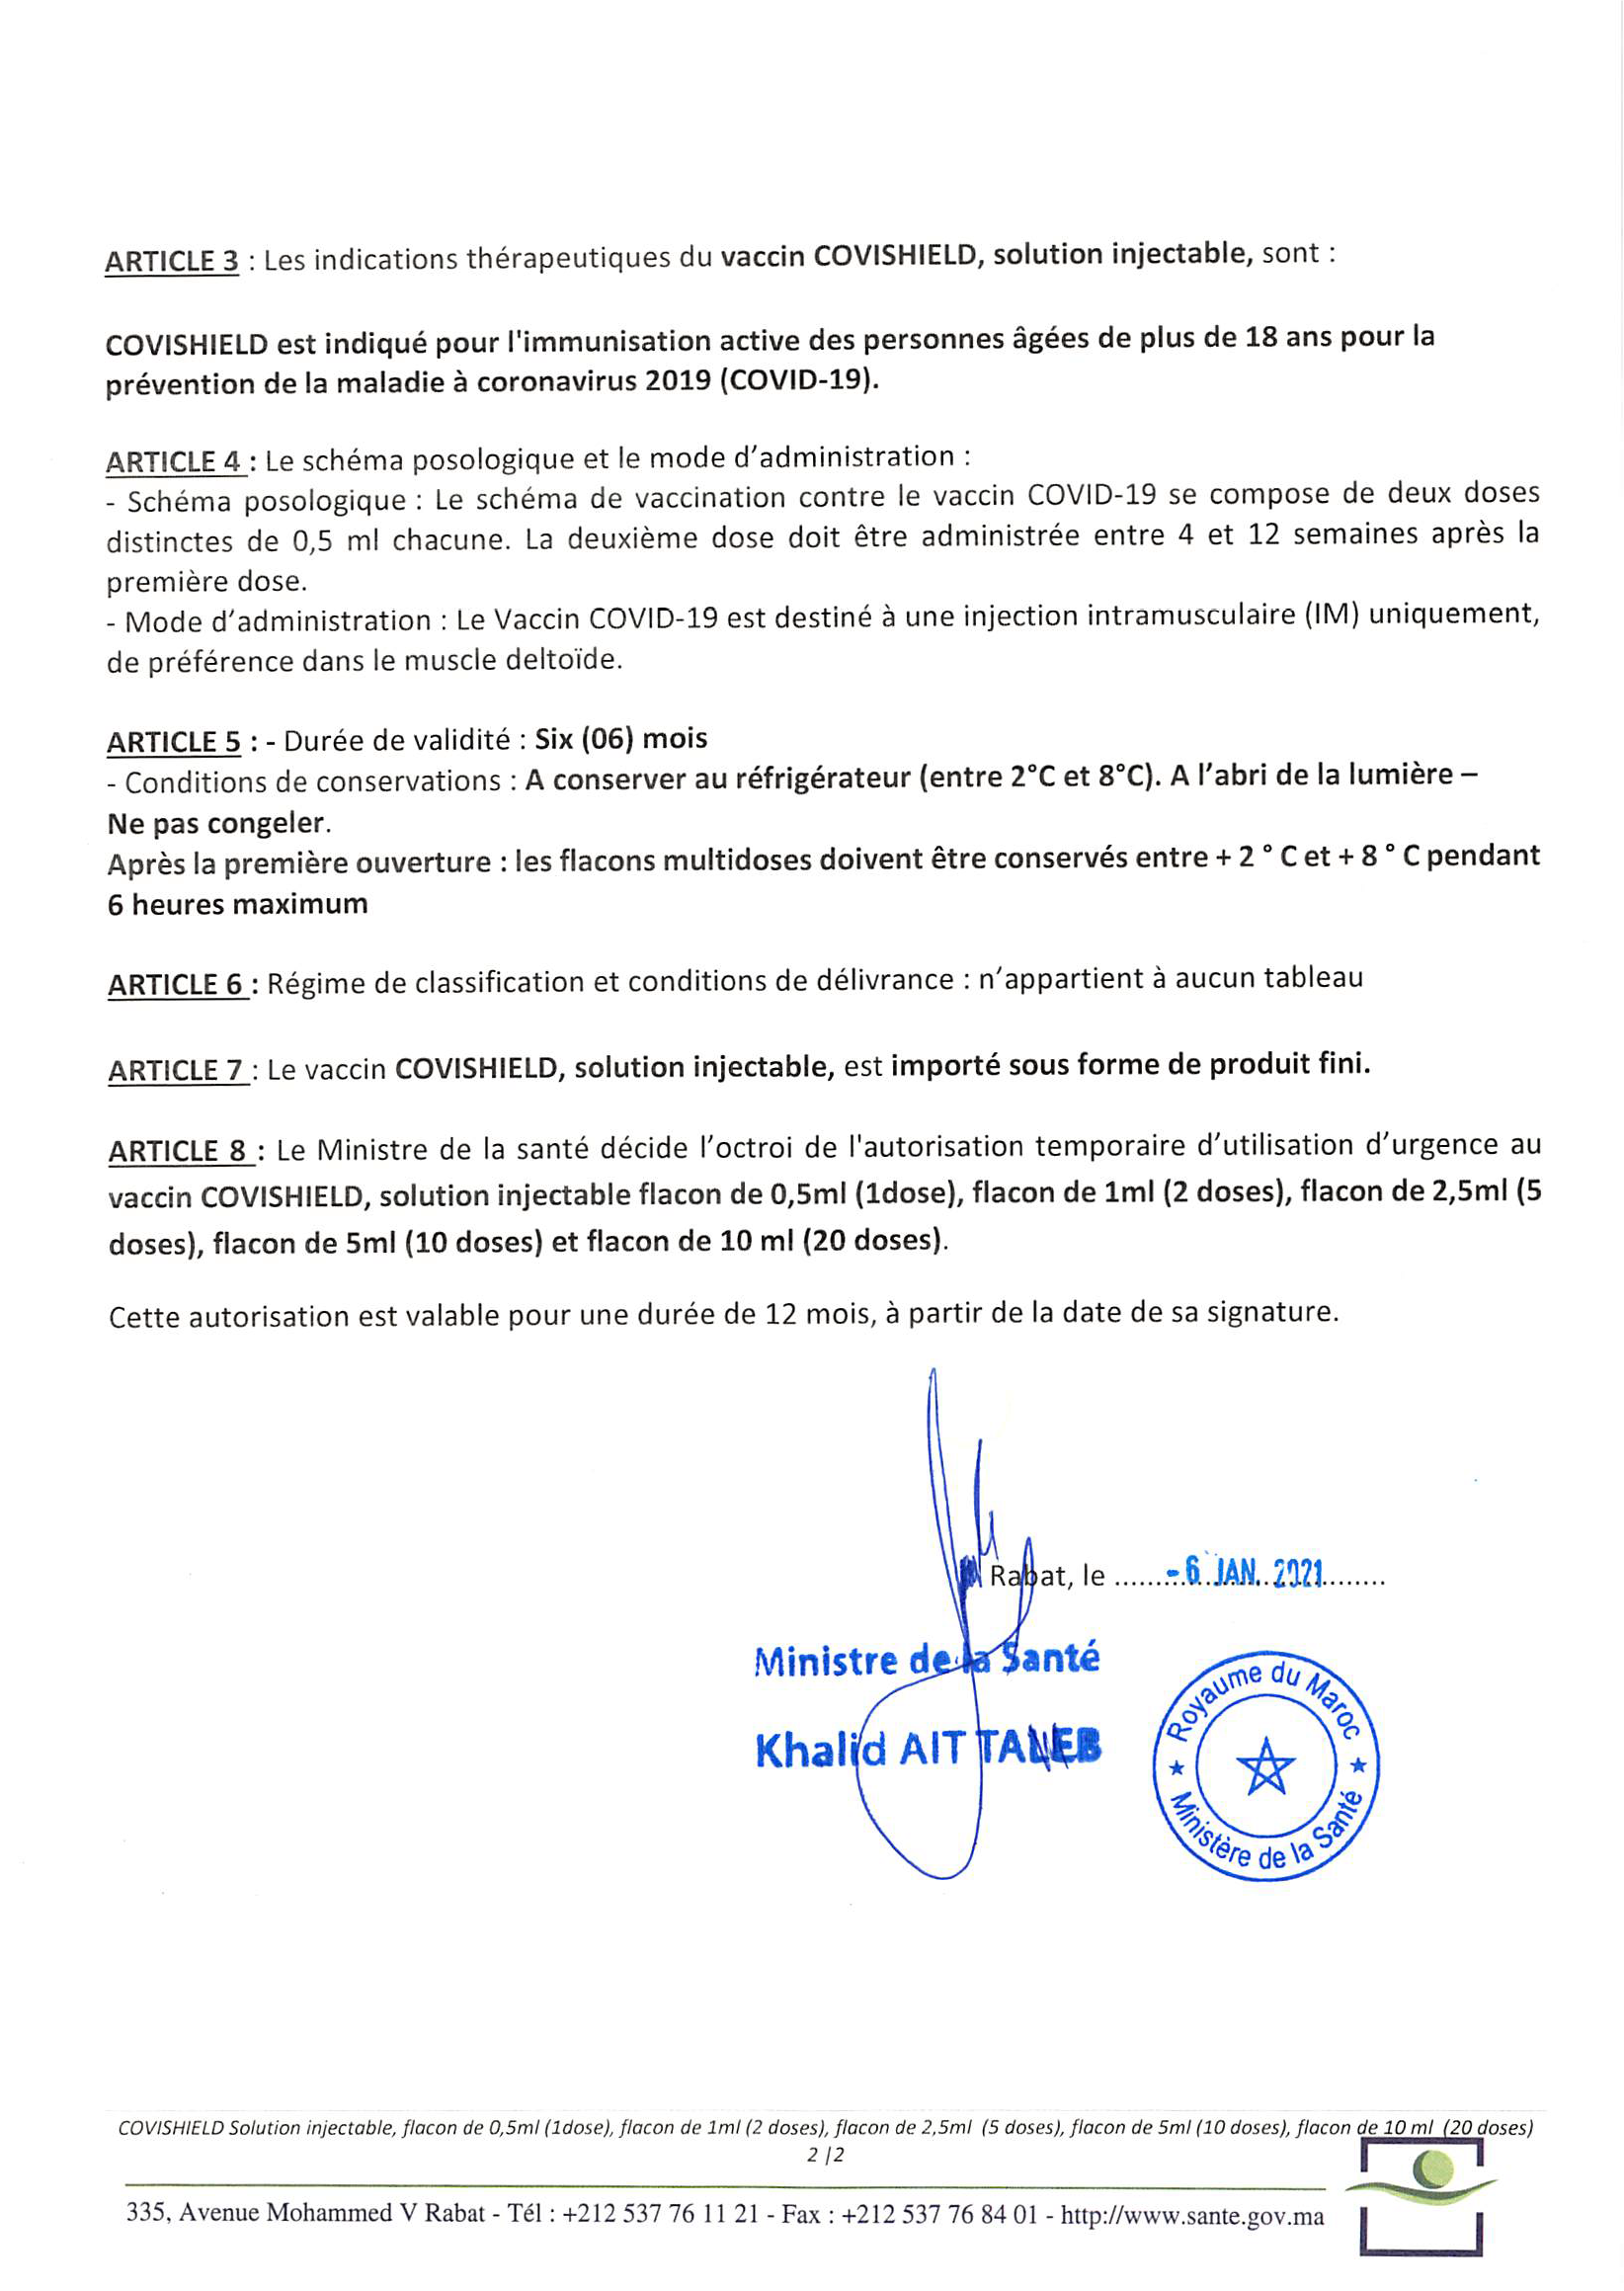 Vaccin d'AstraZeneca : le Maroc donne l'autorisation d'utilisation d'urgence